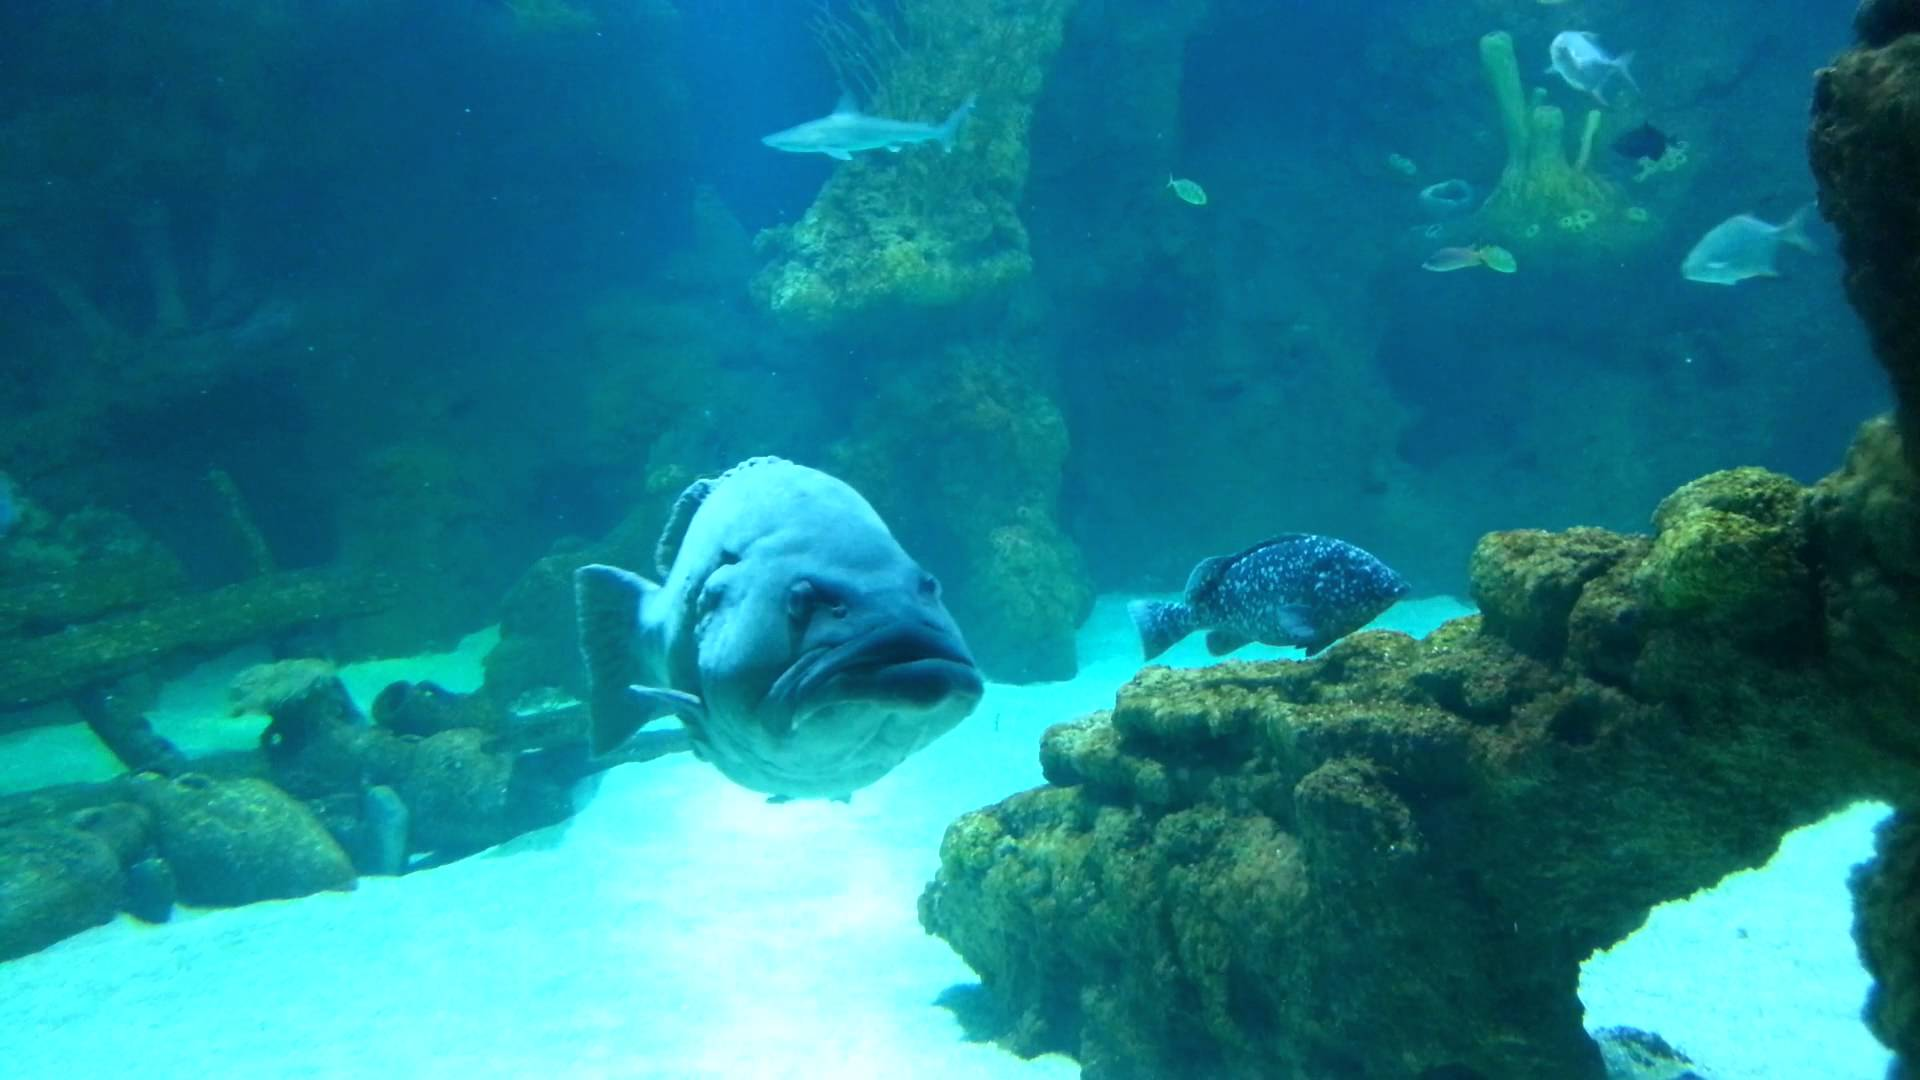 بالصور عجائب البحر , ماذا تعرف عن عجائب البحر 3363 11